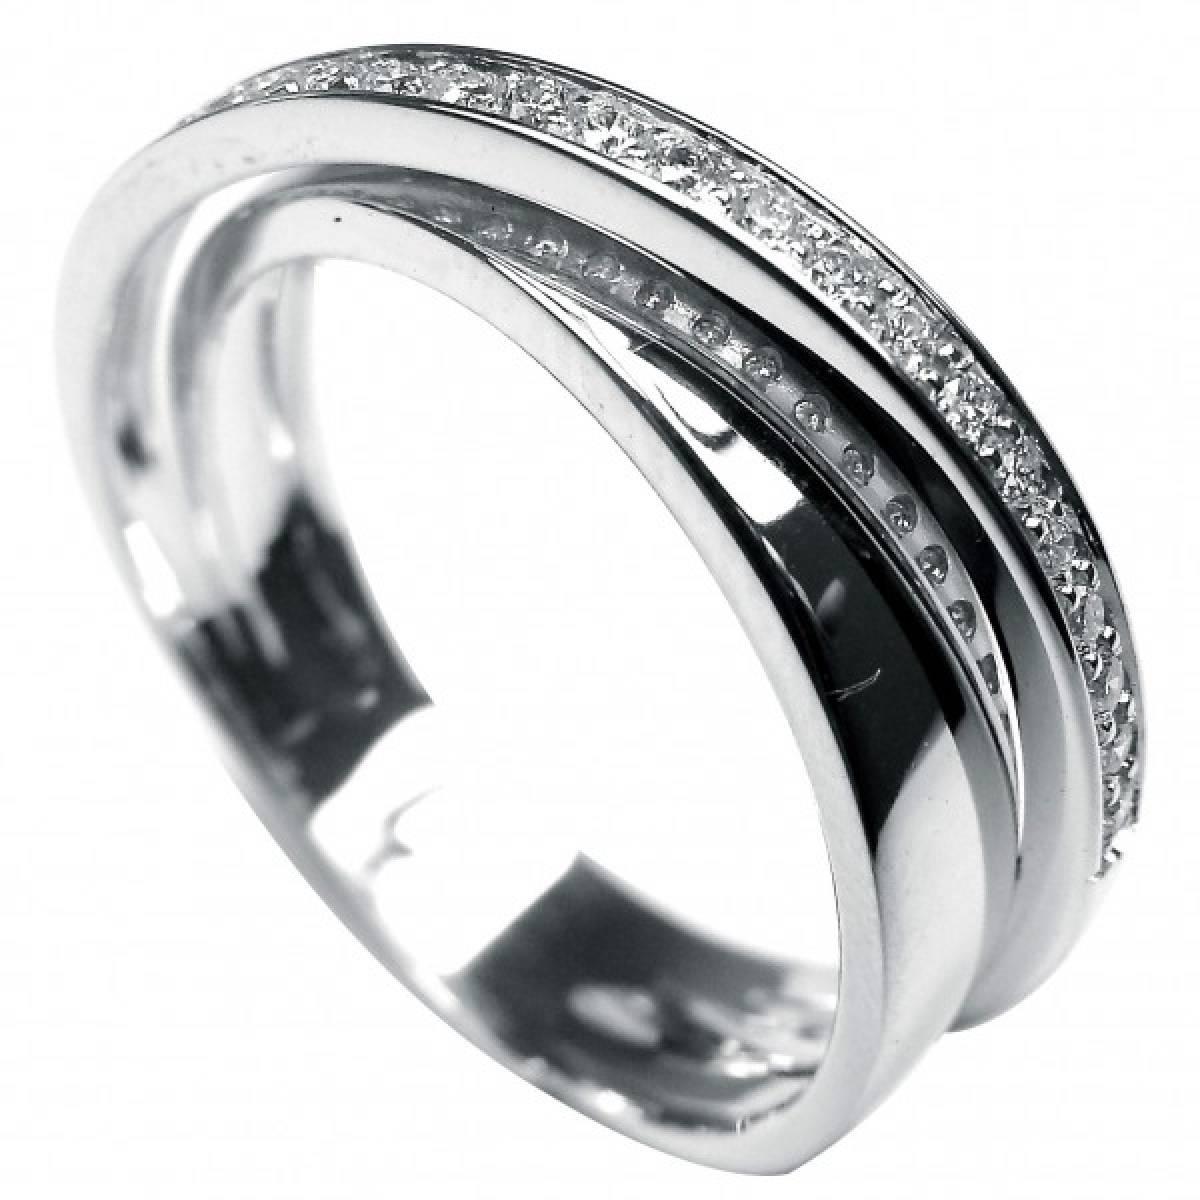 Anel de Noivado com diamante s ou zircónias, em ouro de 9 e 19 kts